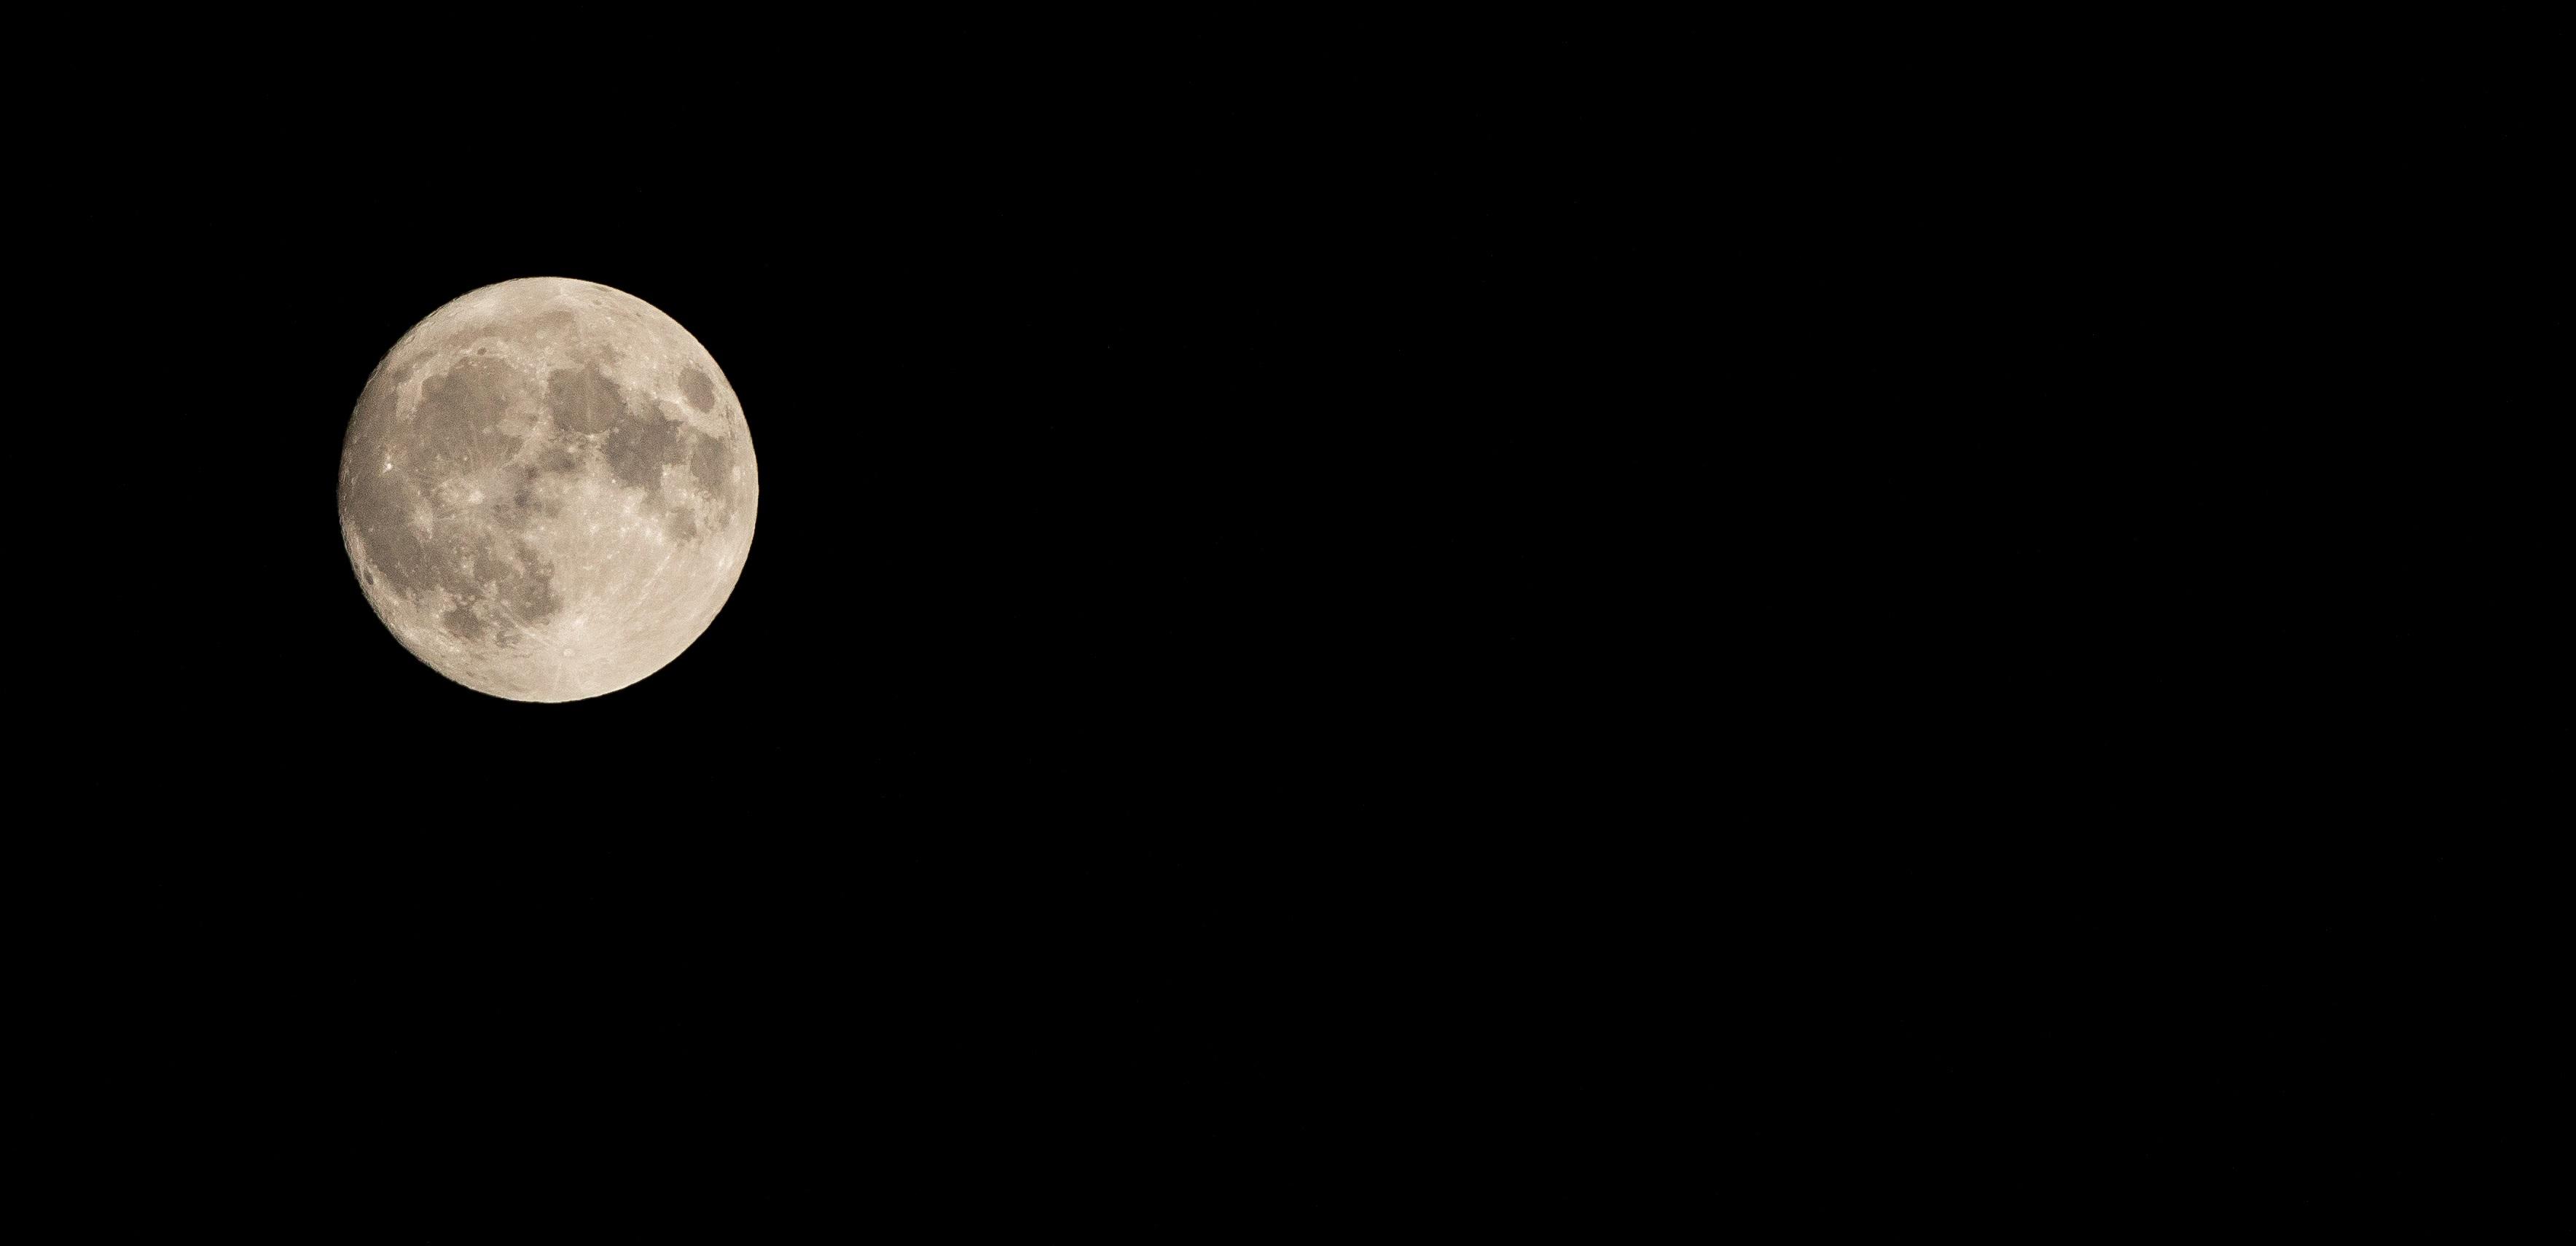 Bien-aimé Images Gratuites : noir et blanc, ciel, nuit, atmosphère, pleine  JV01